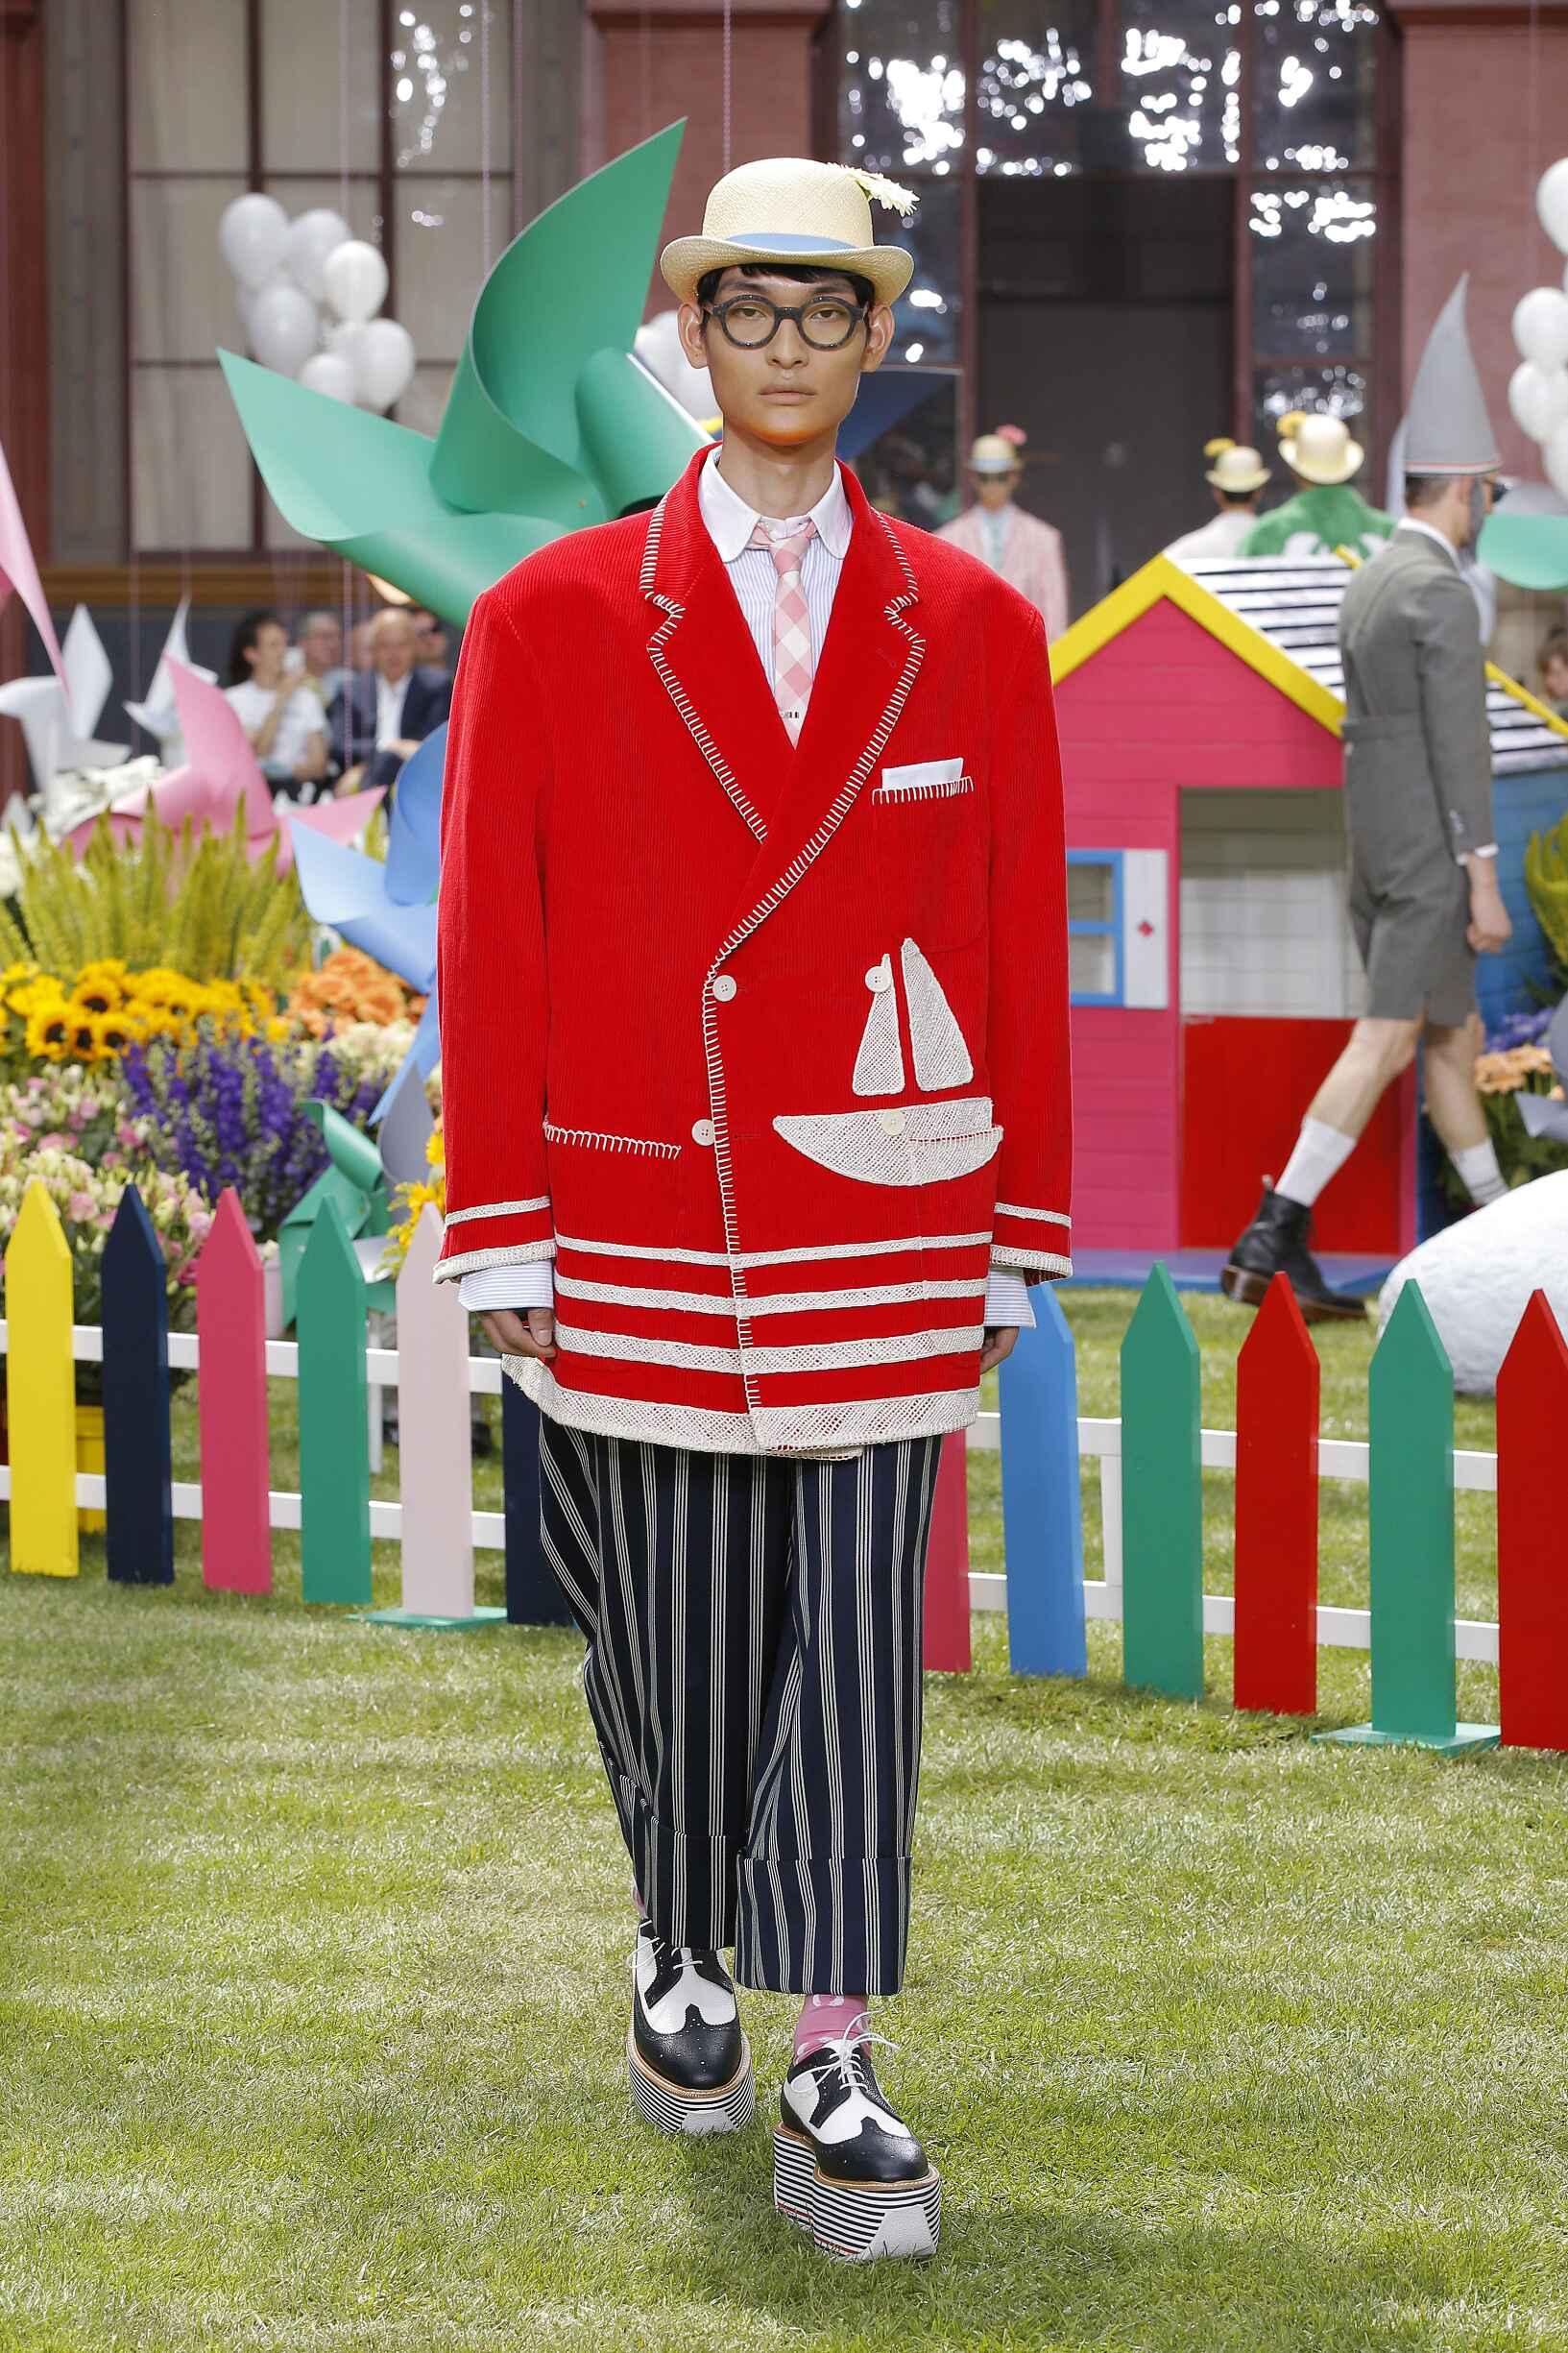 Thom Browne SS 2019 Menswear